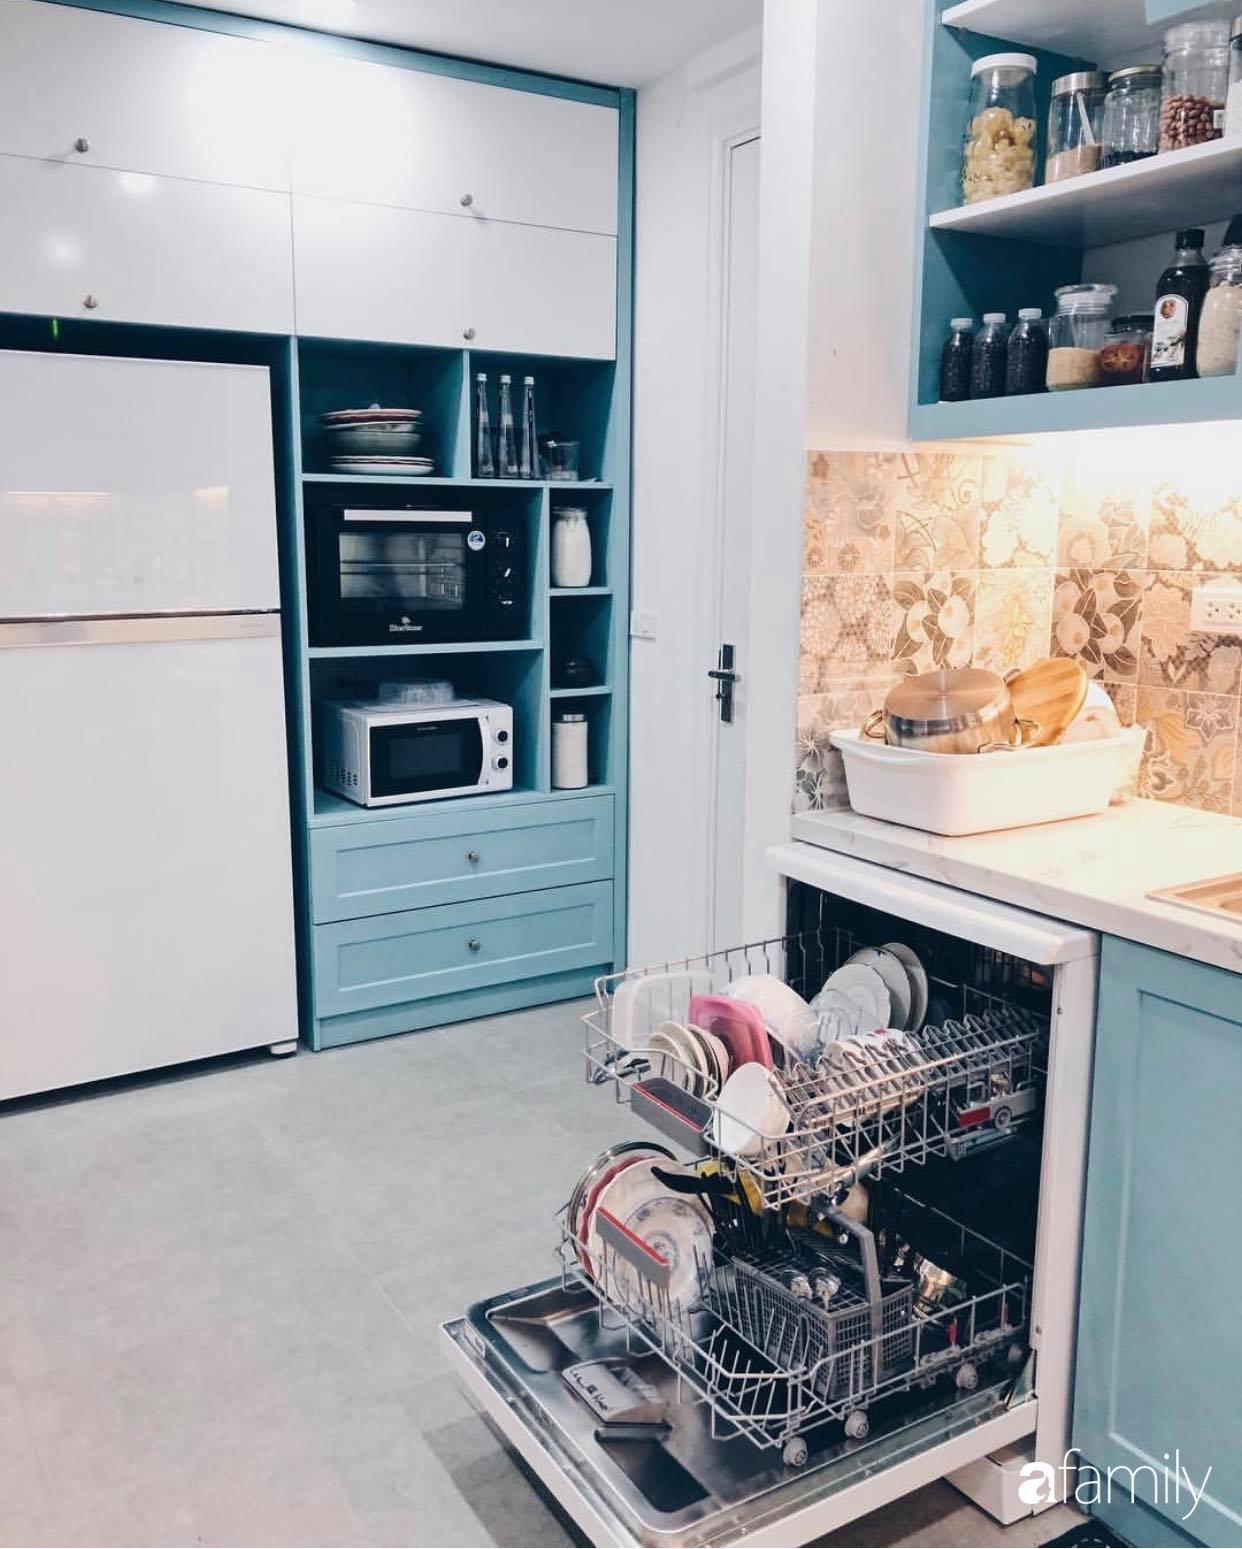 Căn hộ 145m² được décor ấn tượng với điểm nhấn màu xanh ngọc cùng tranh treo tường từ người phụ nữ yêu gia đình ở Hà Nội - Ảnh 13.